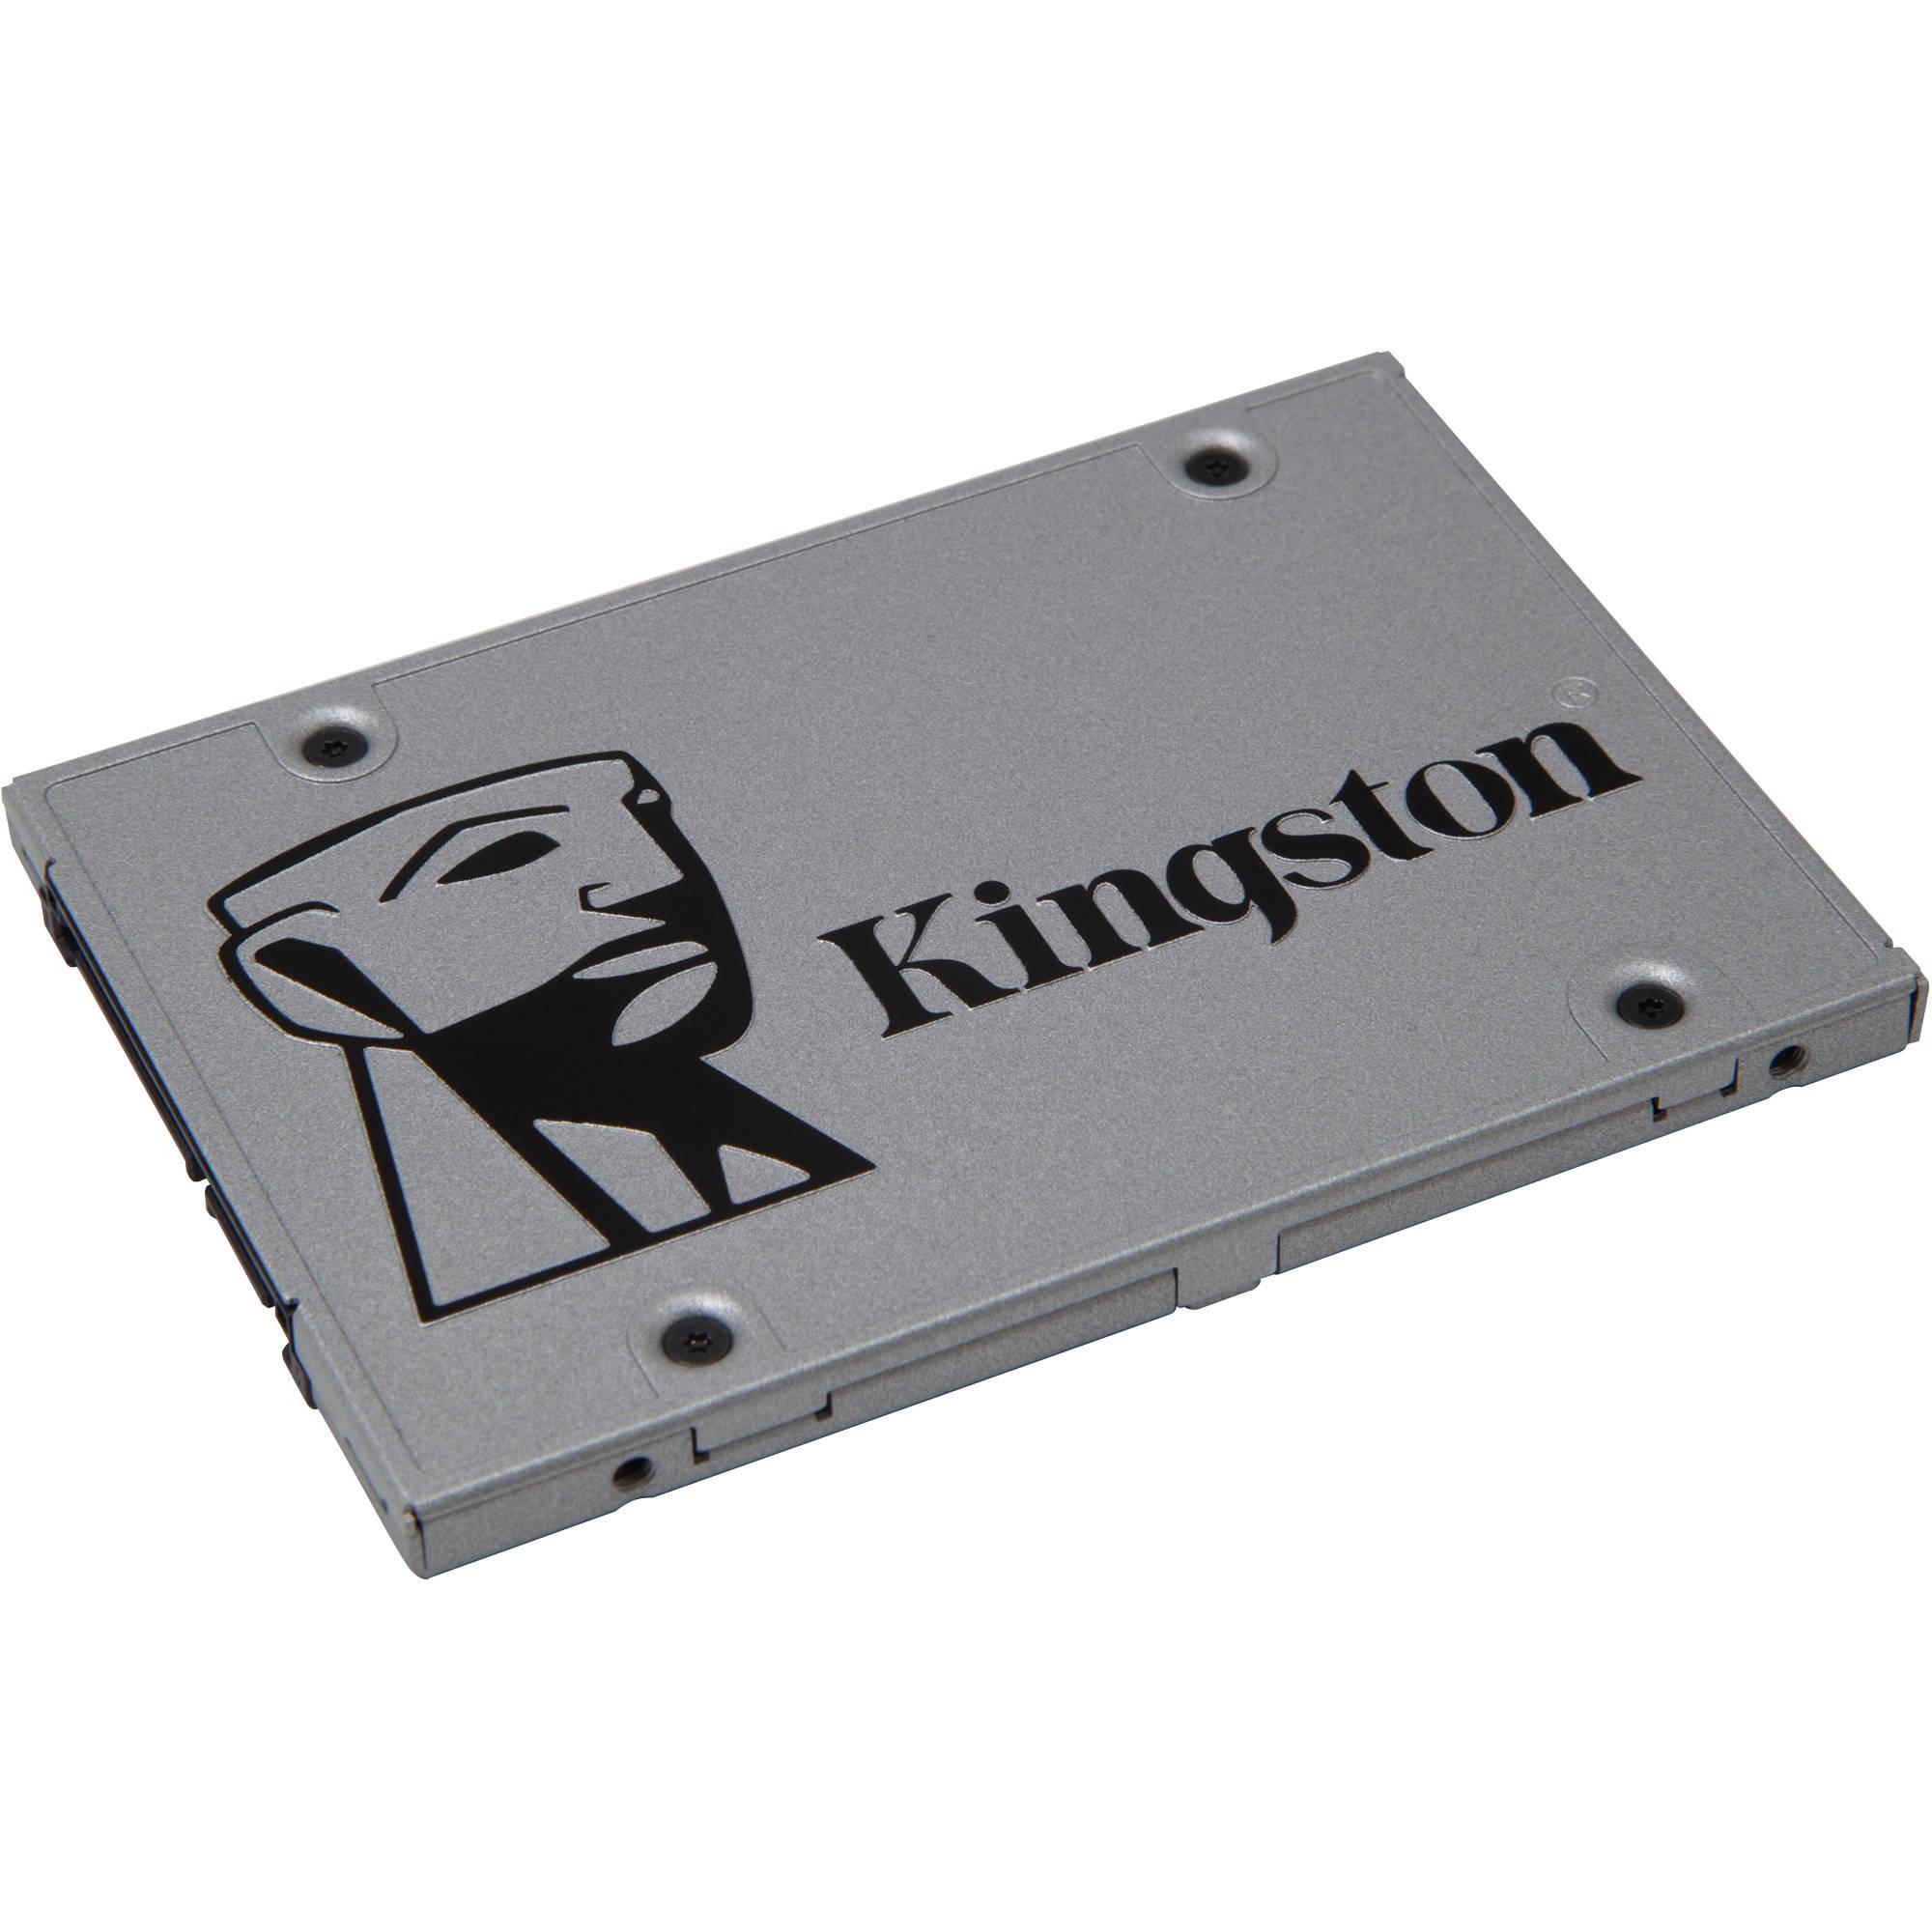 Kingston SSD / SUV400S37A/ 120GB  - 2.5